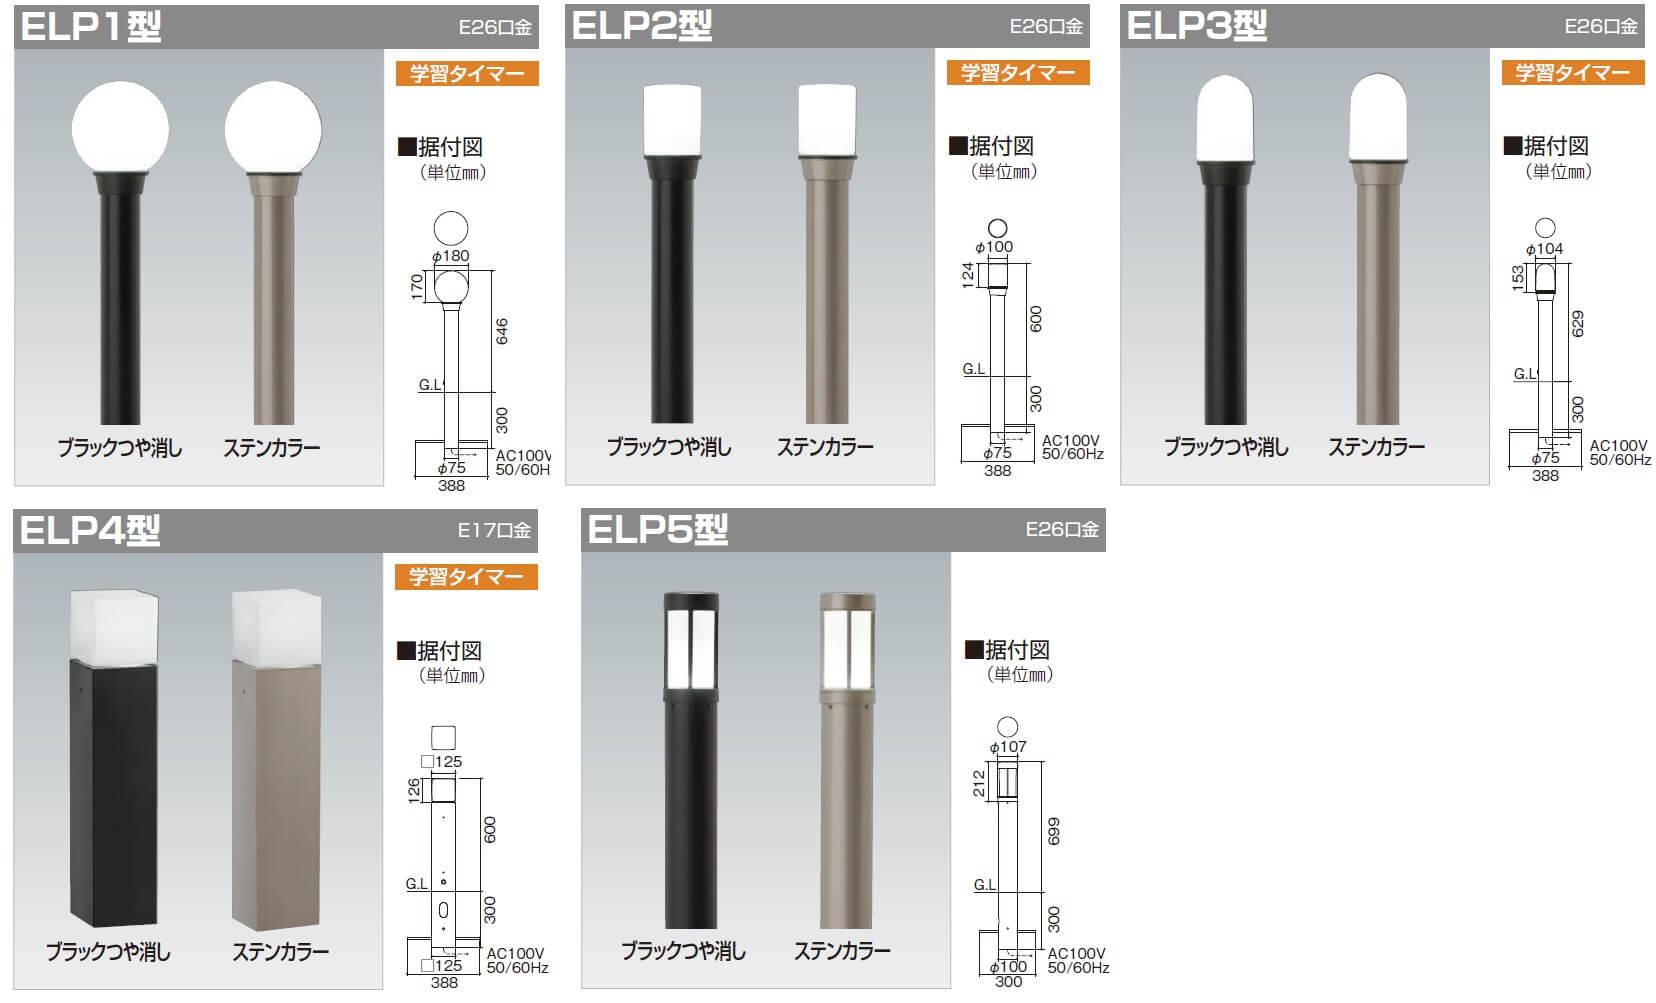 四国化成 エクステリアライトELP型(ポールタイプ) ELP1型/ELP2型/ELP3型/ELP4型/ELP5型画像